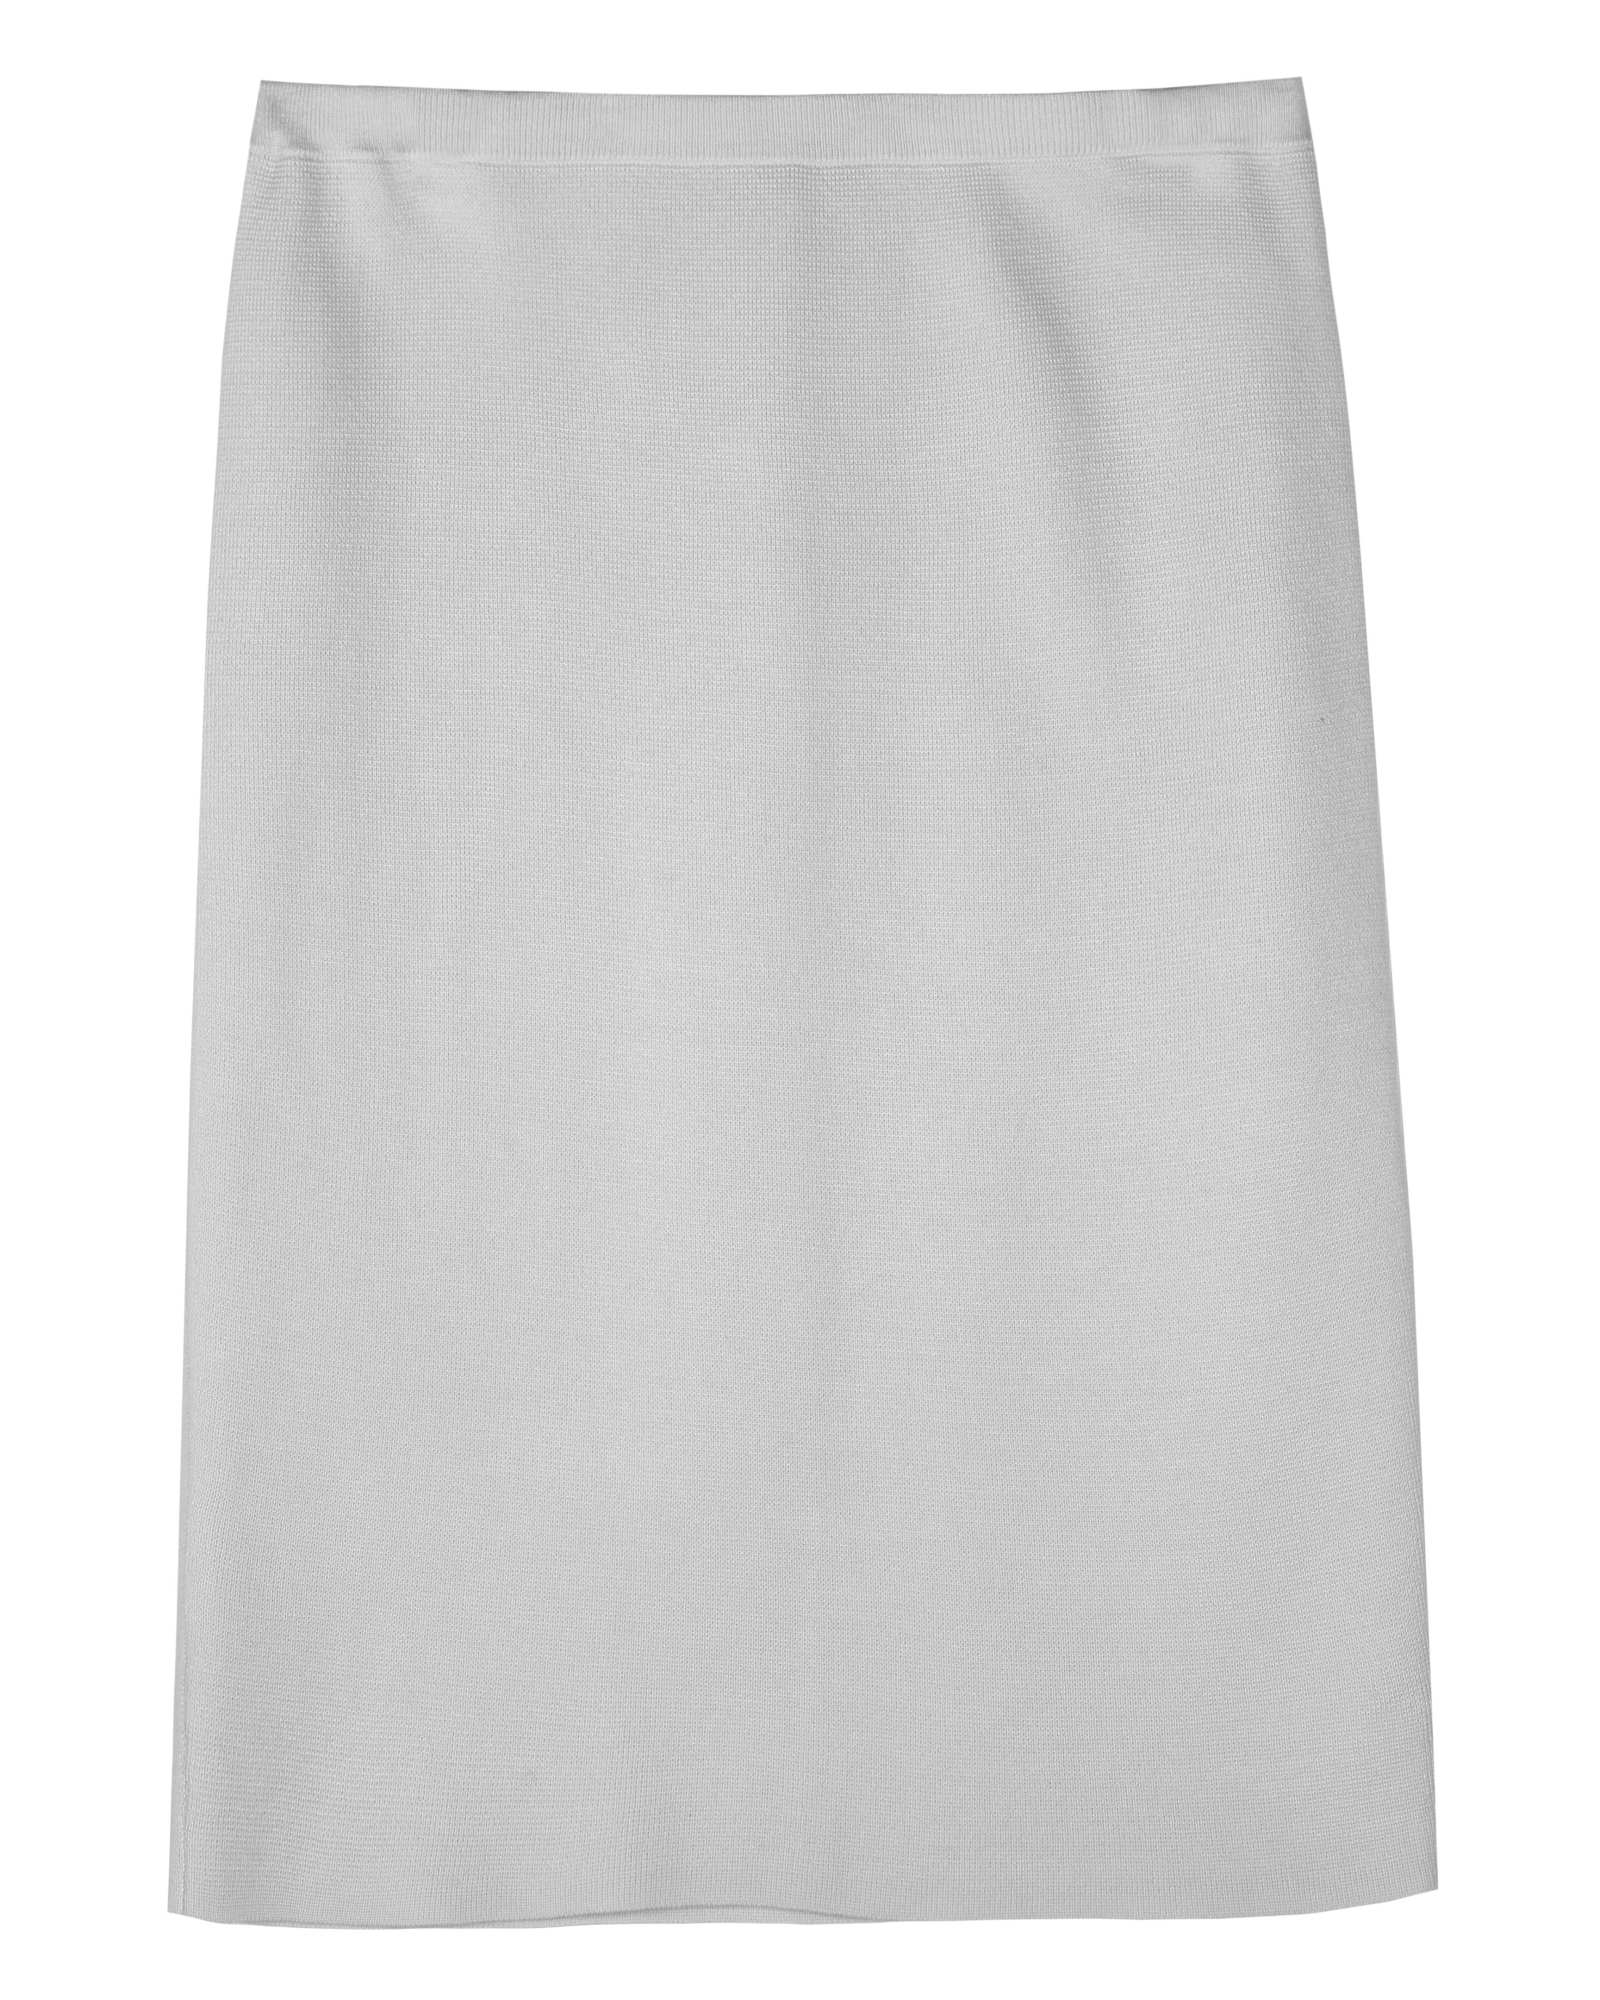 Silk Cotton Interlock Skirt